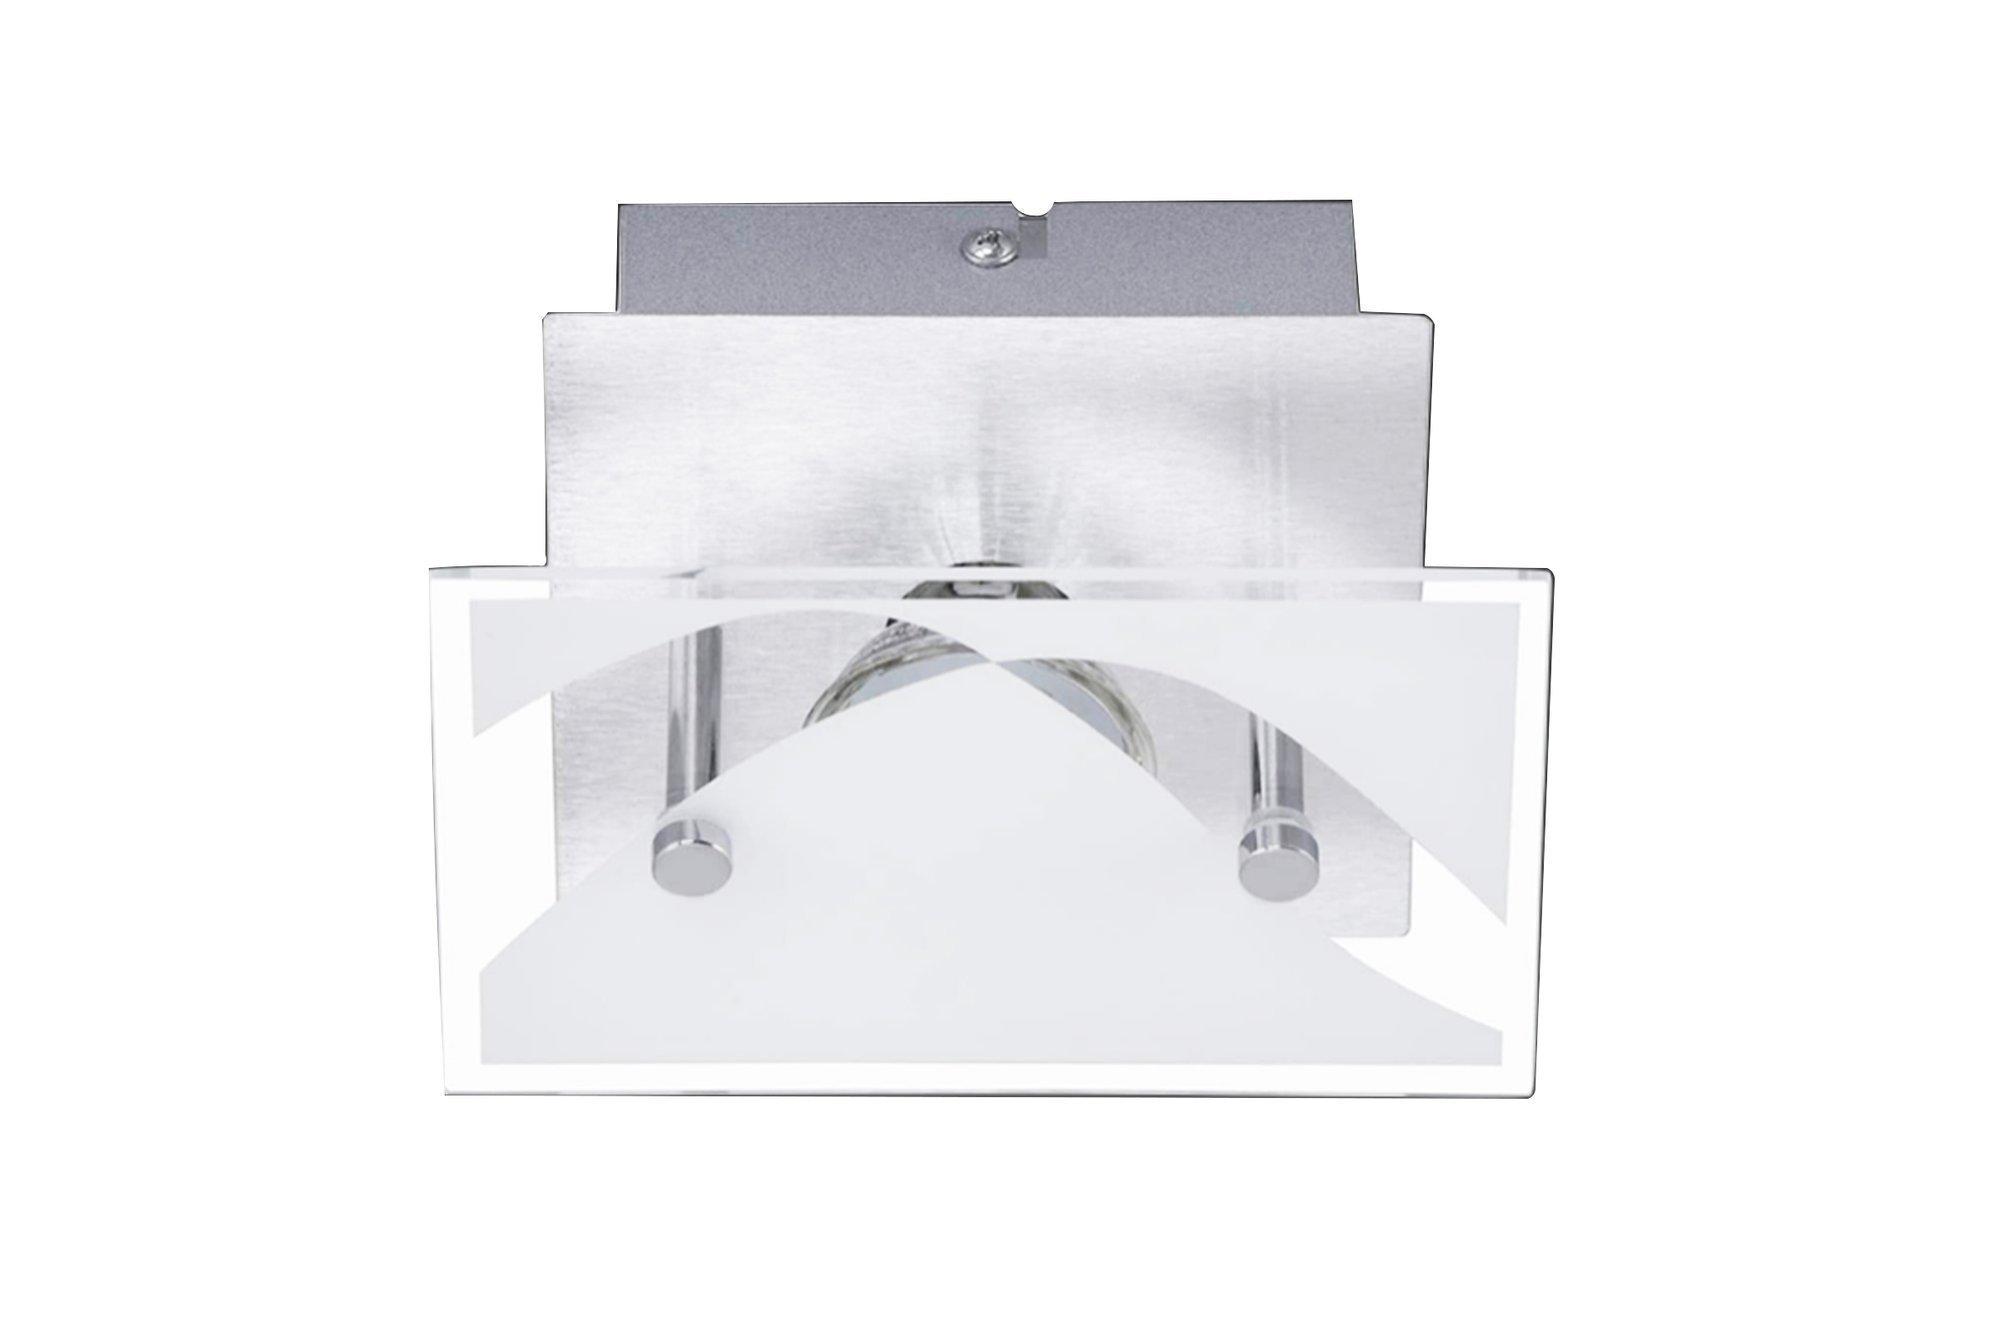 Ceiling lamp Briloner 3342-019 GU10